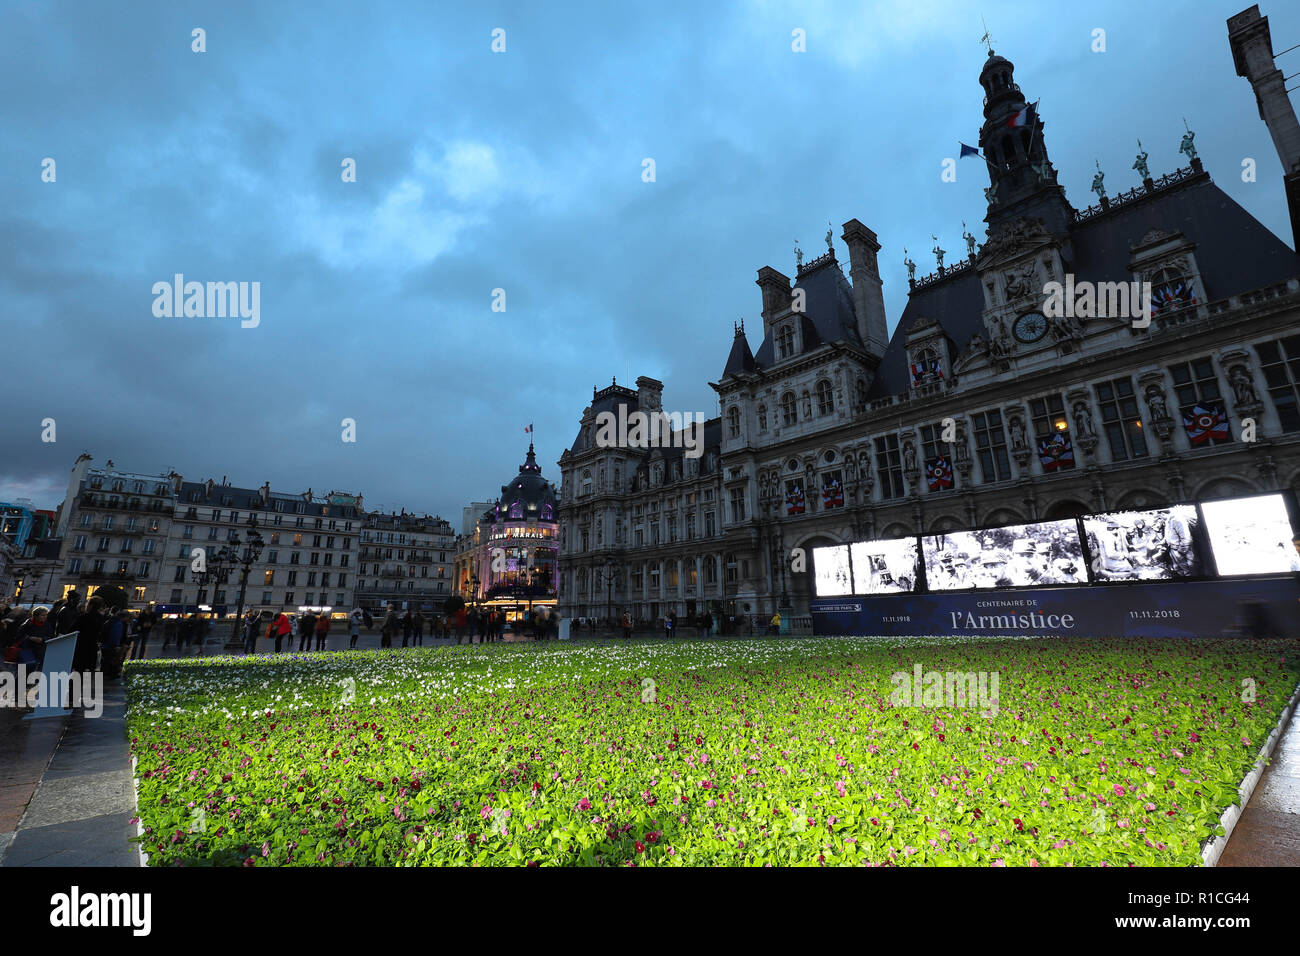 Con ocasión del centenario del armisticio de la Primera Guerra Mundial, el ayuntamiento de París establece 94,415 azul, blanco y rojo flores en frente del ayuntamiento. Foto de stock